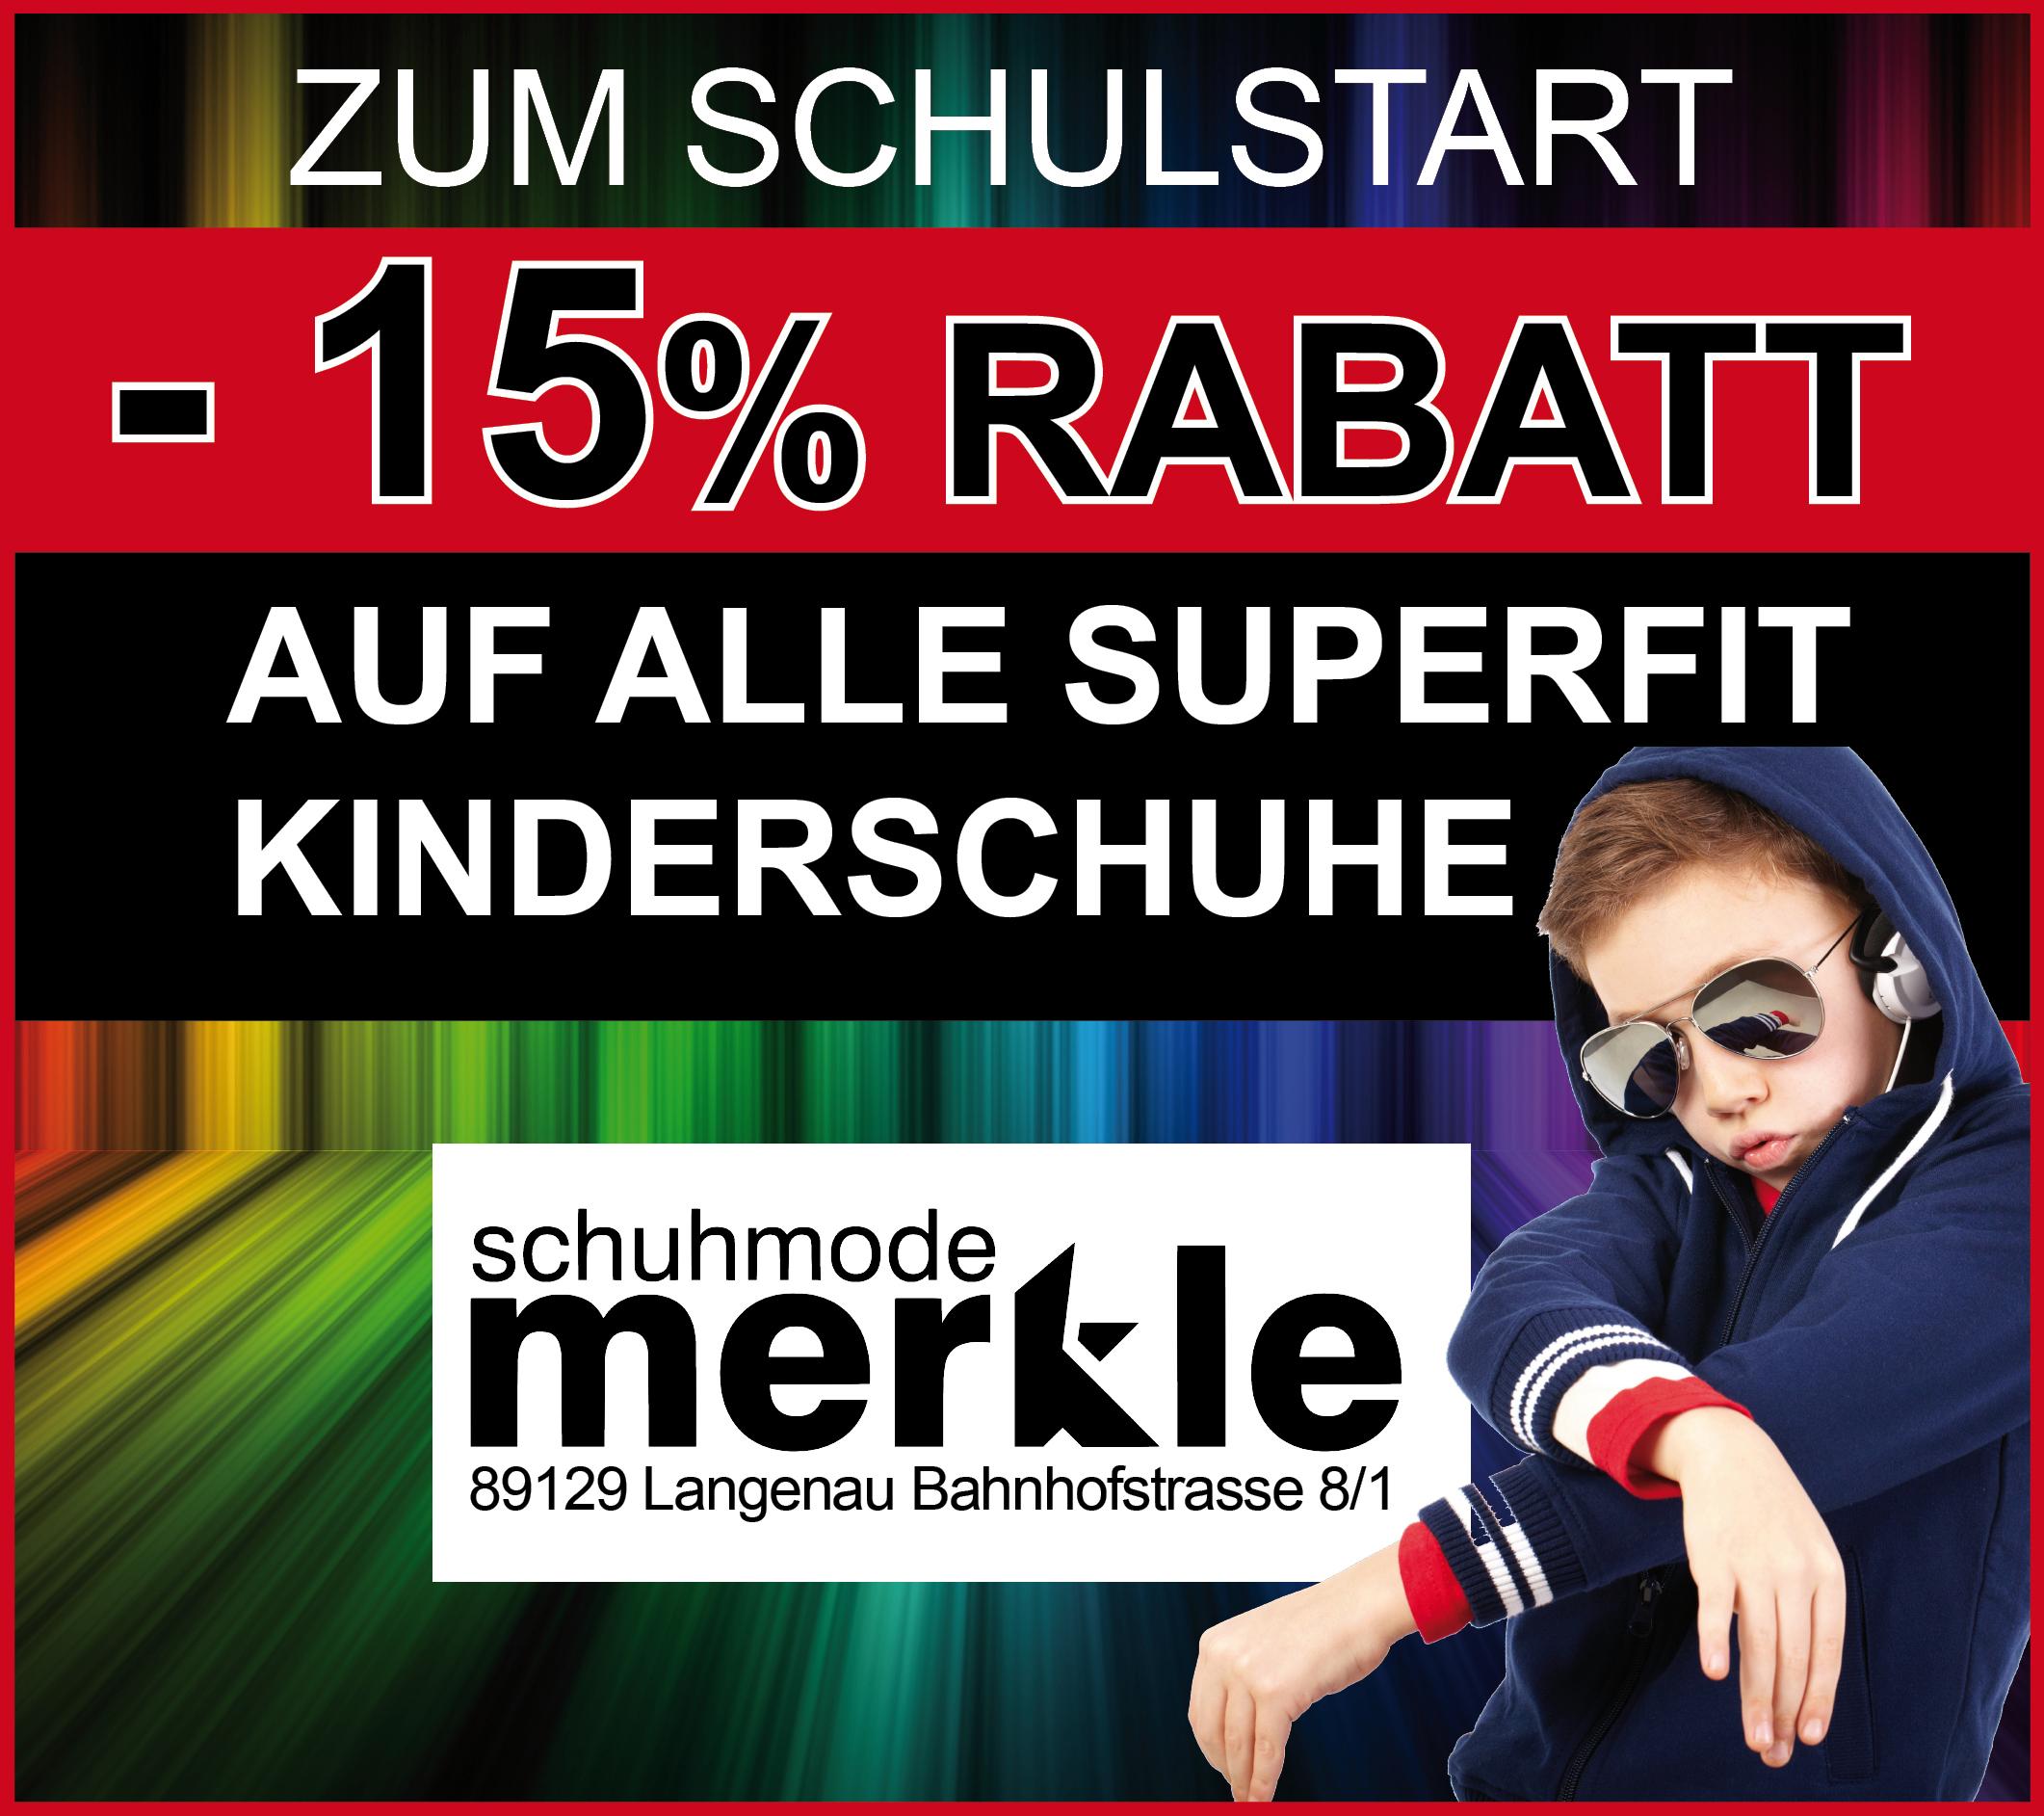 Schuh Merkle   Stadt Langenau